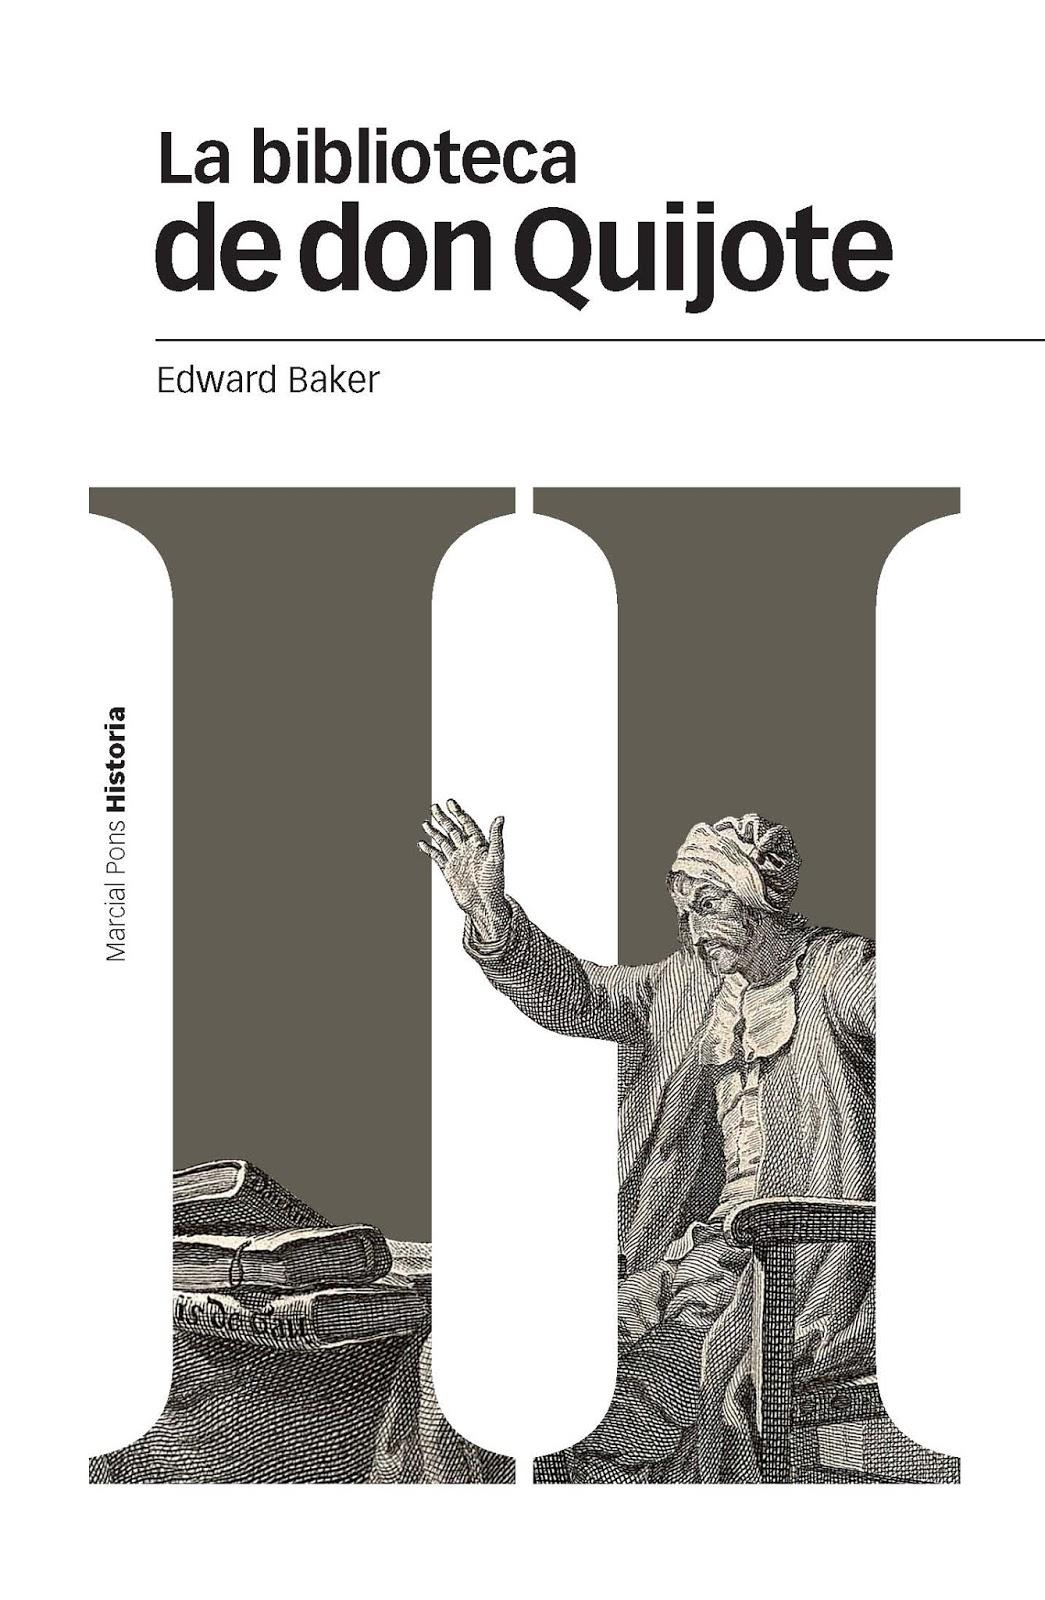 Iurisdictio lex malacitana del hidalgo lector don quijote con nota al margen - Libreria marcial pons barcelona ...